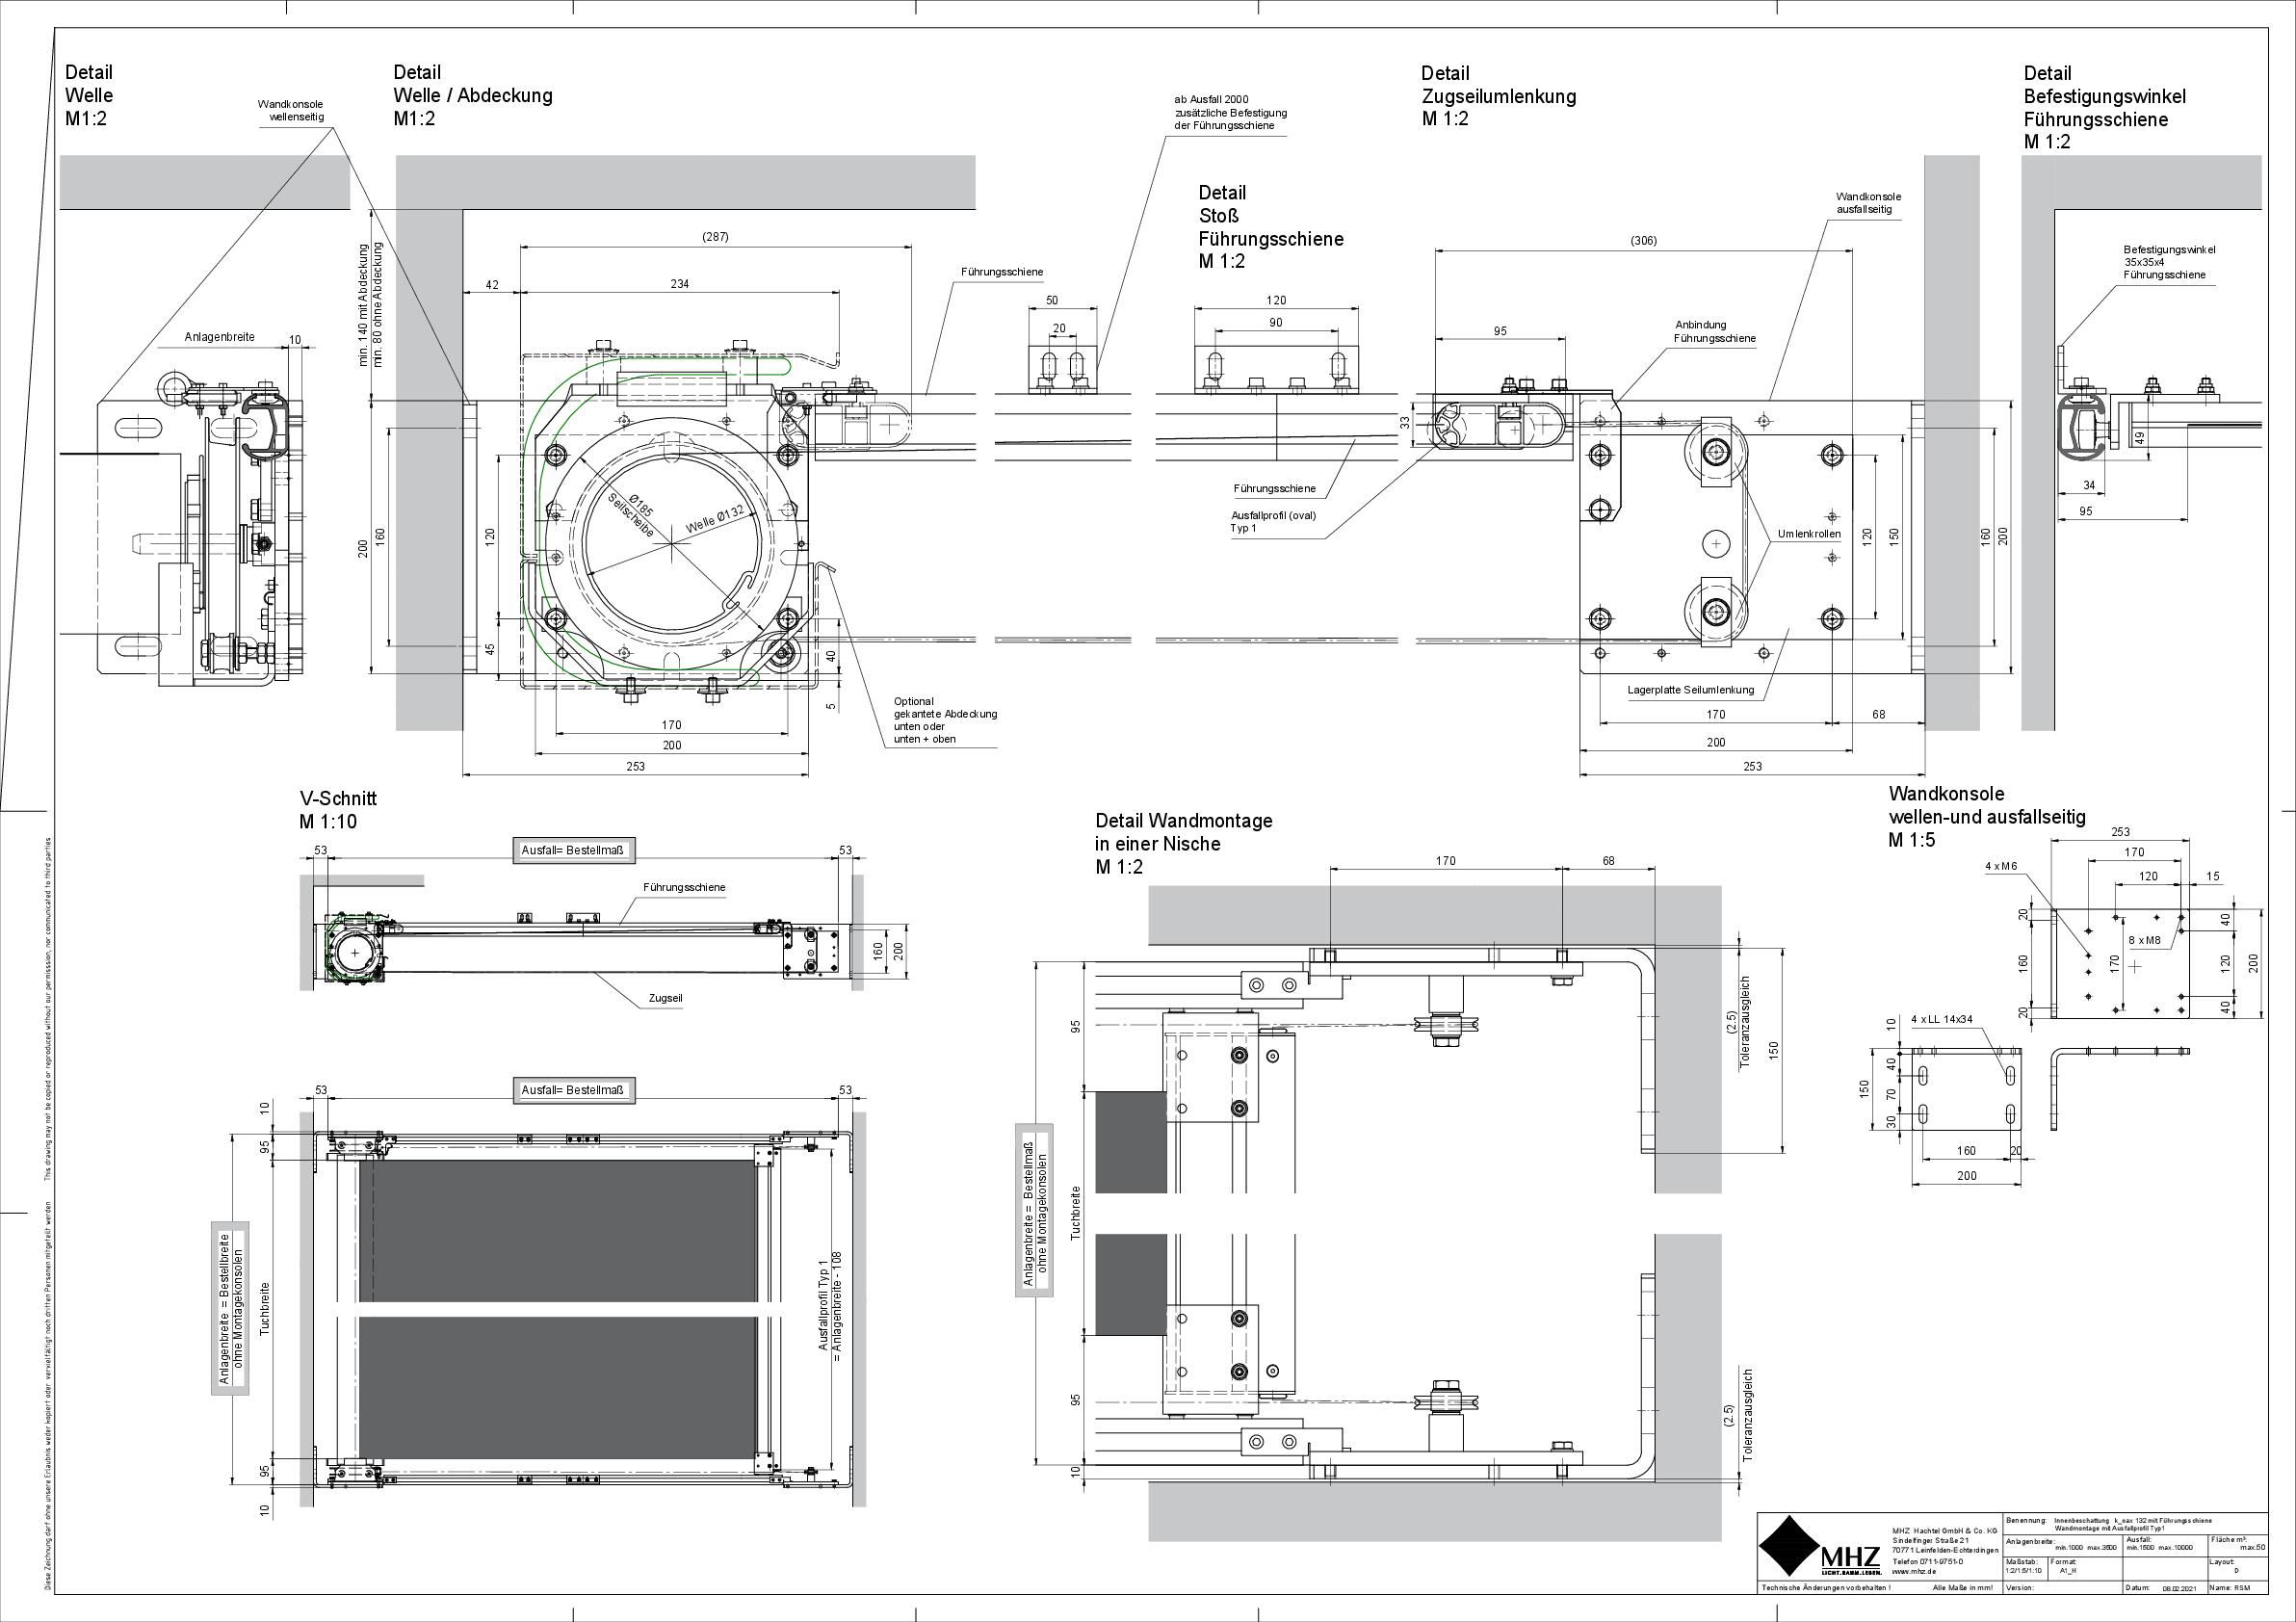 Technische Zeichnung dwg Beschattung k_oax 132 Seilführung